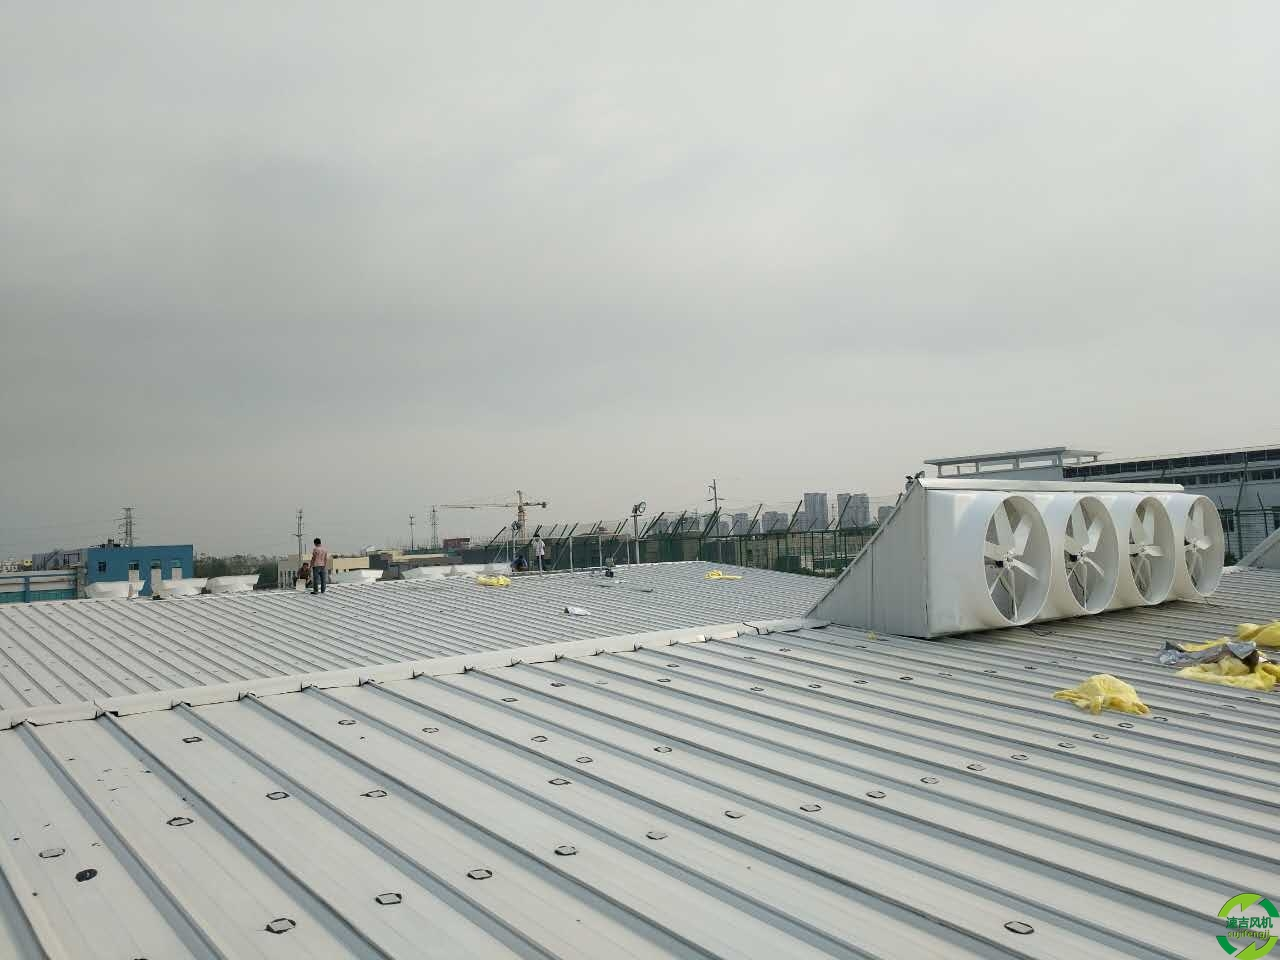 大风量48000立方/时常熟屋顶风机,张家港负压风机